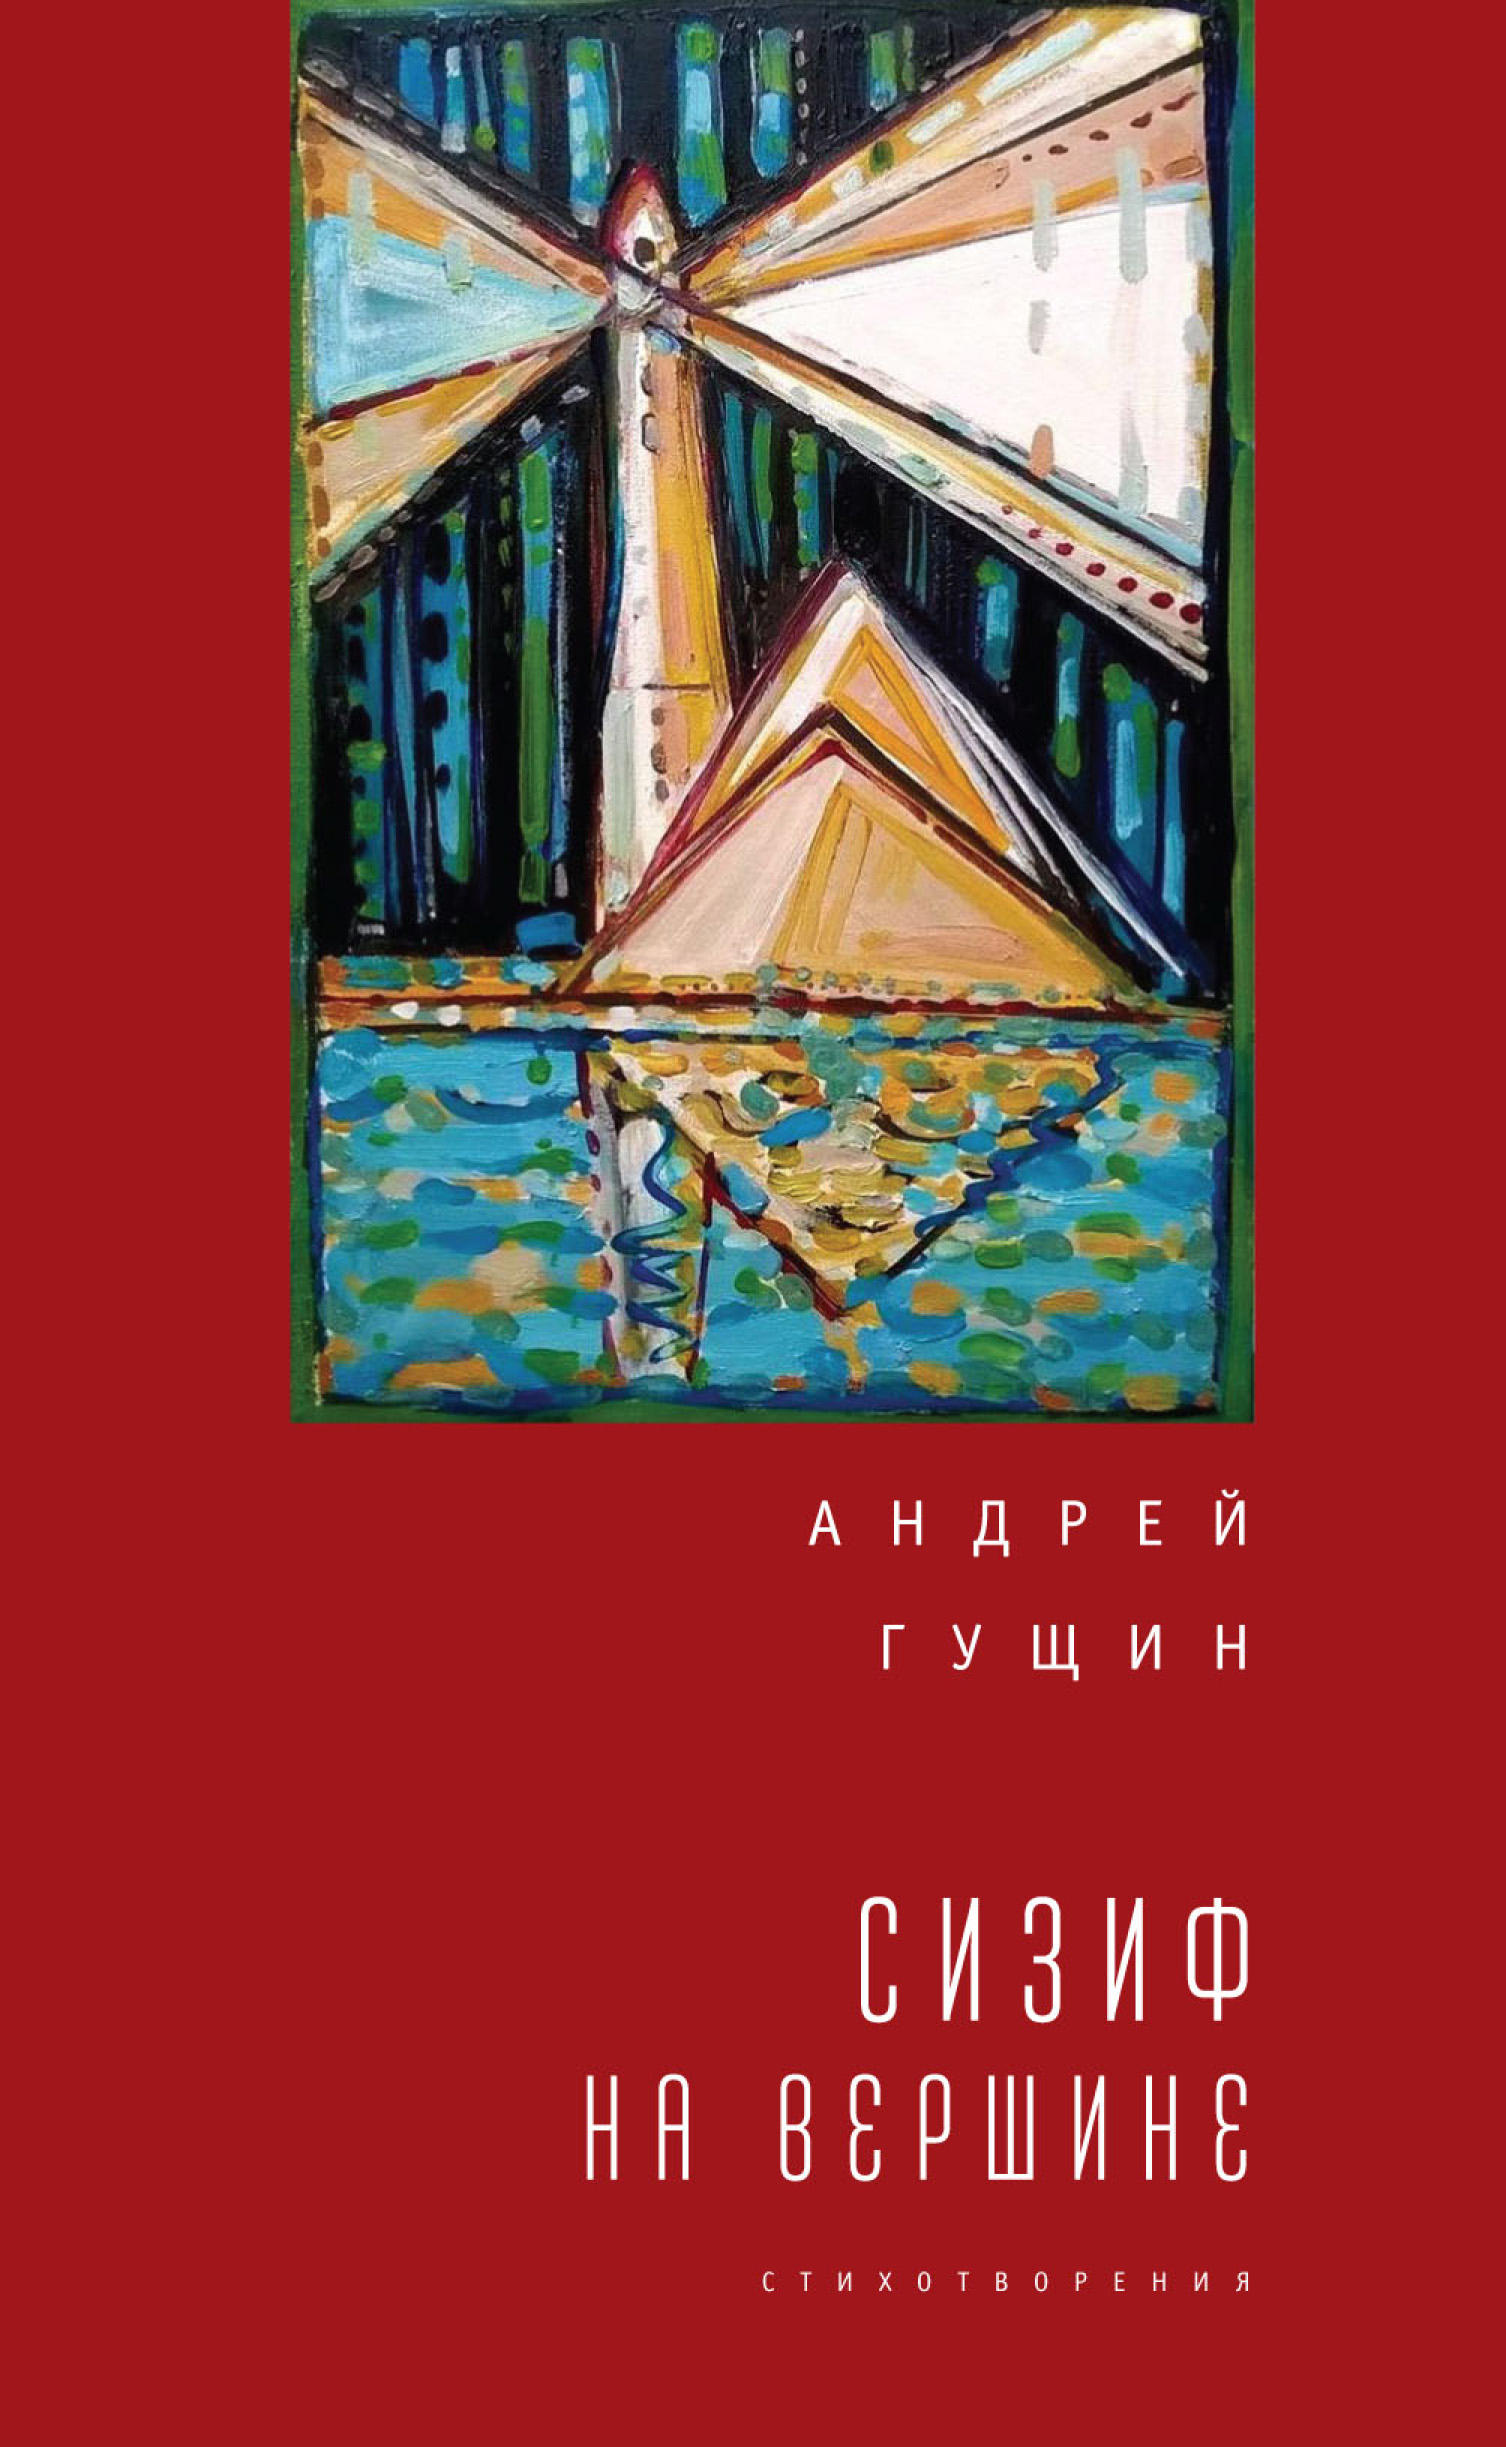 Андрей Гущин Сизиф на вершине гущин а солнечный остров буян стихотворения